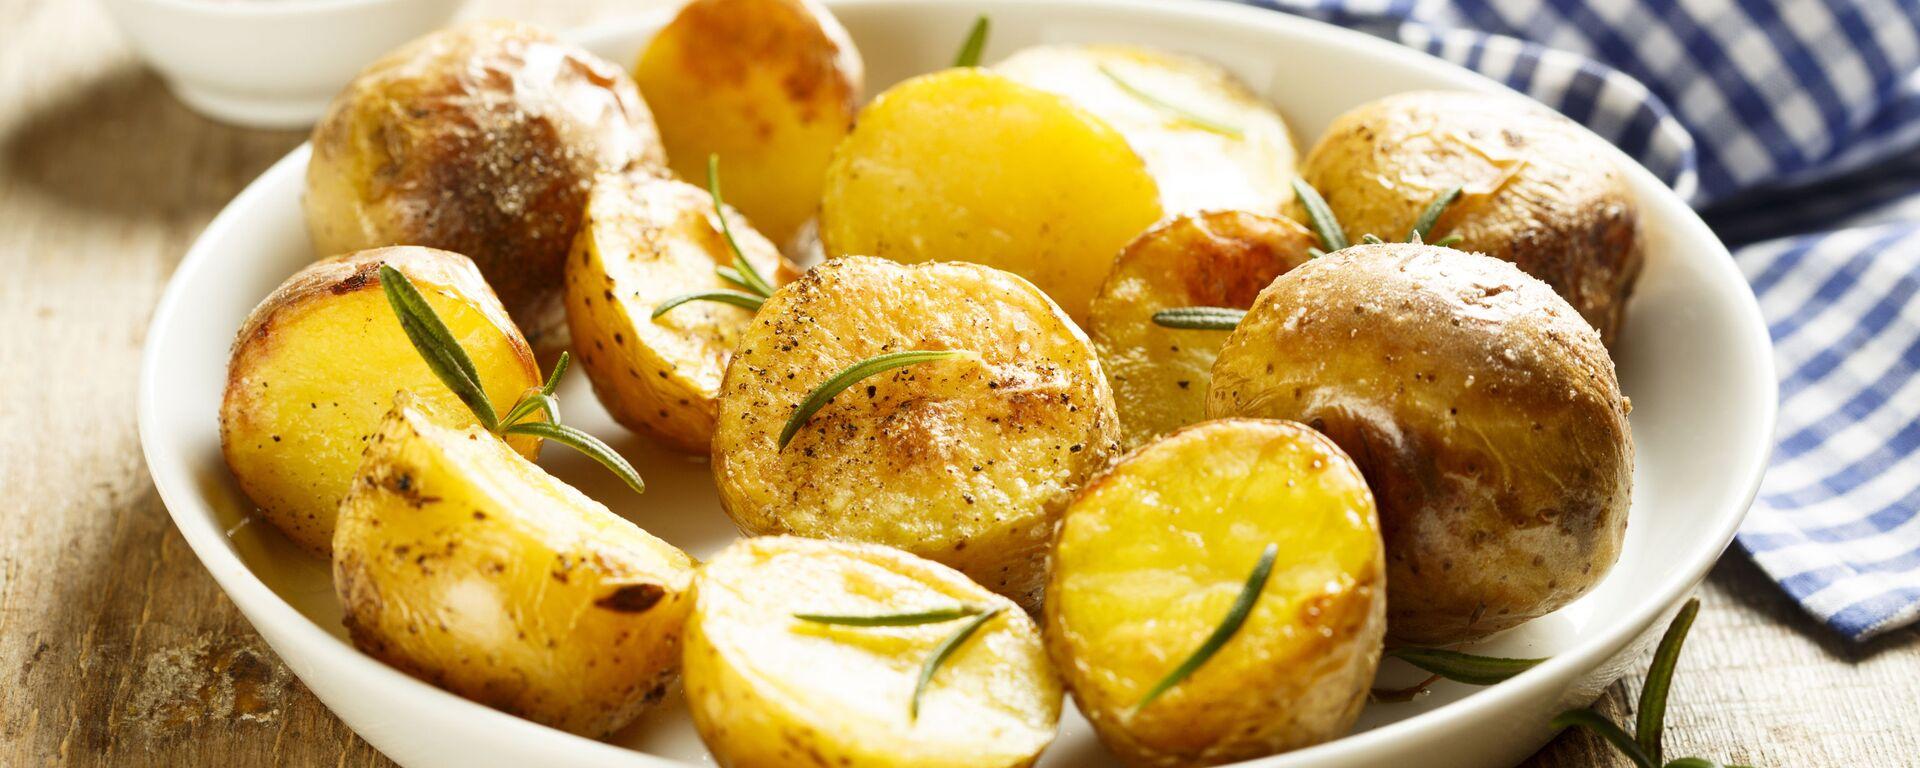 Zapečeni krompir - Sputnik Srbija, 1920, 11.01.2021